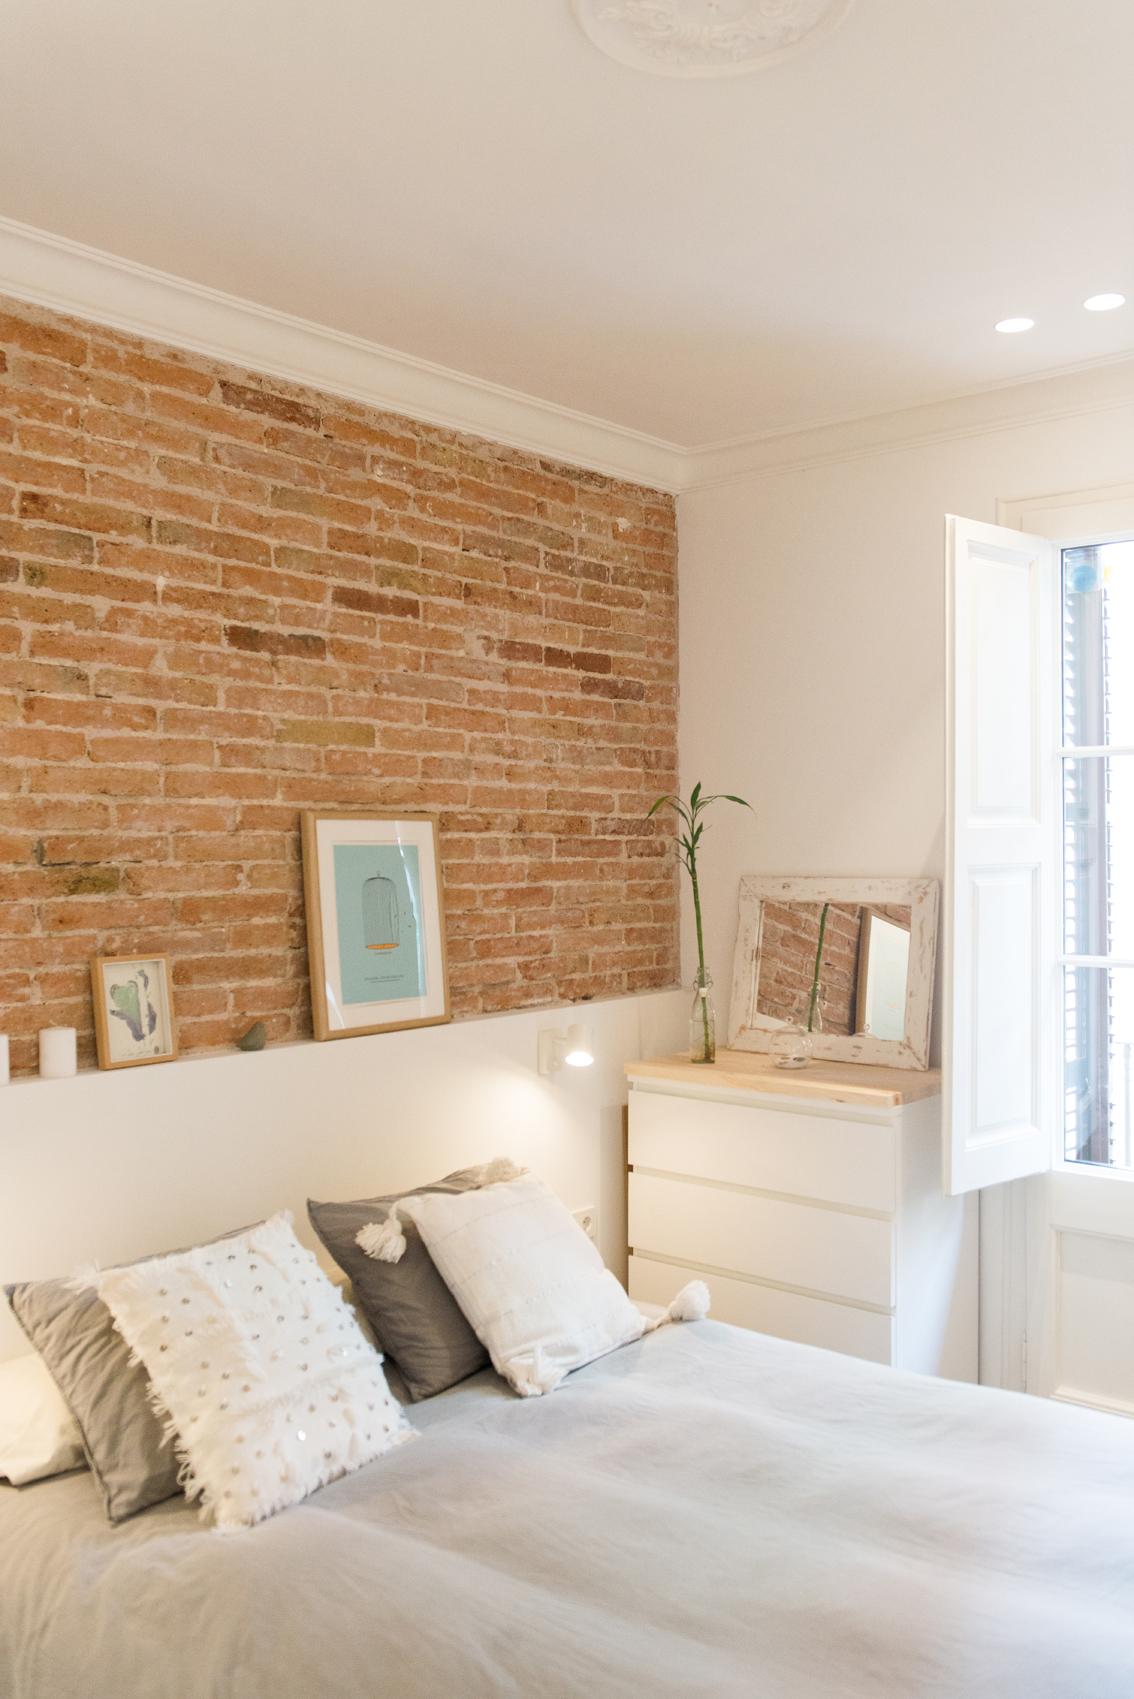 Reforma de un piso en el barrio de GraciaReforma de un piso en el barrio de Gracia